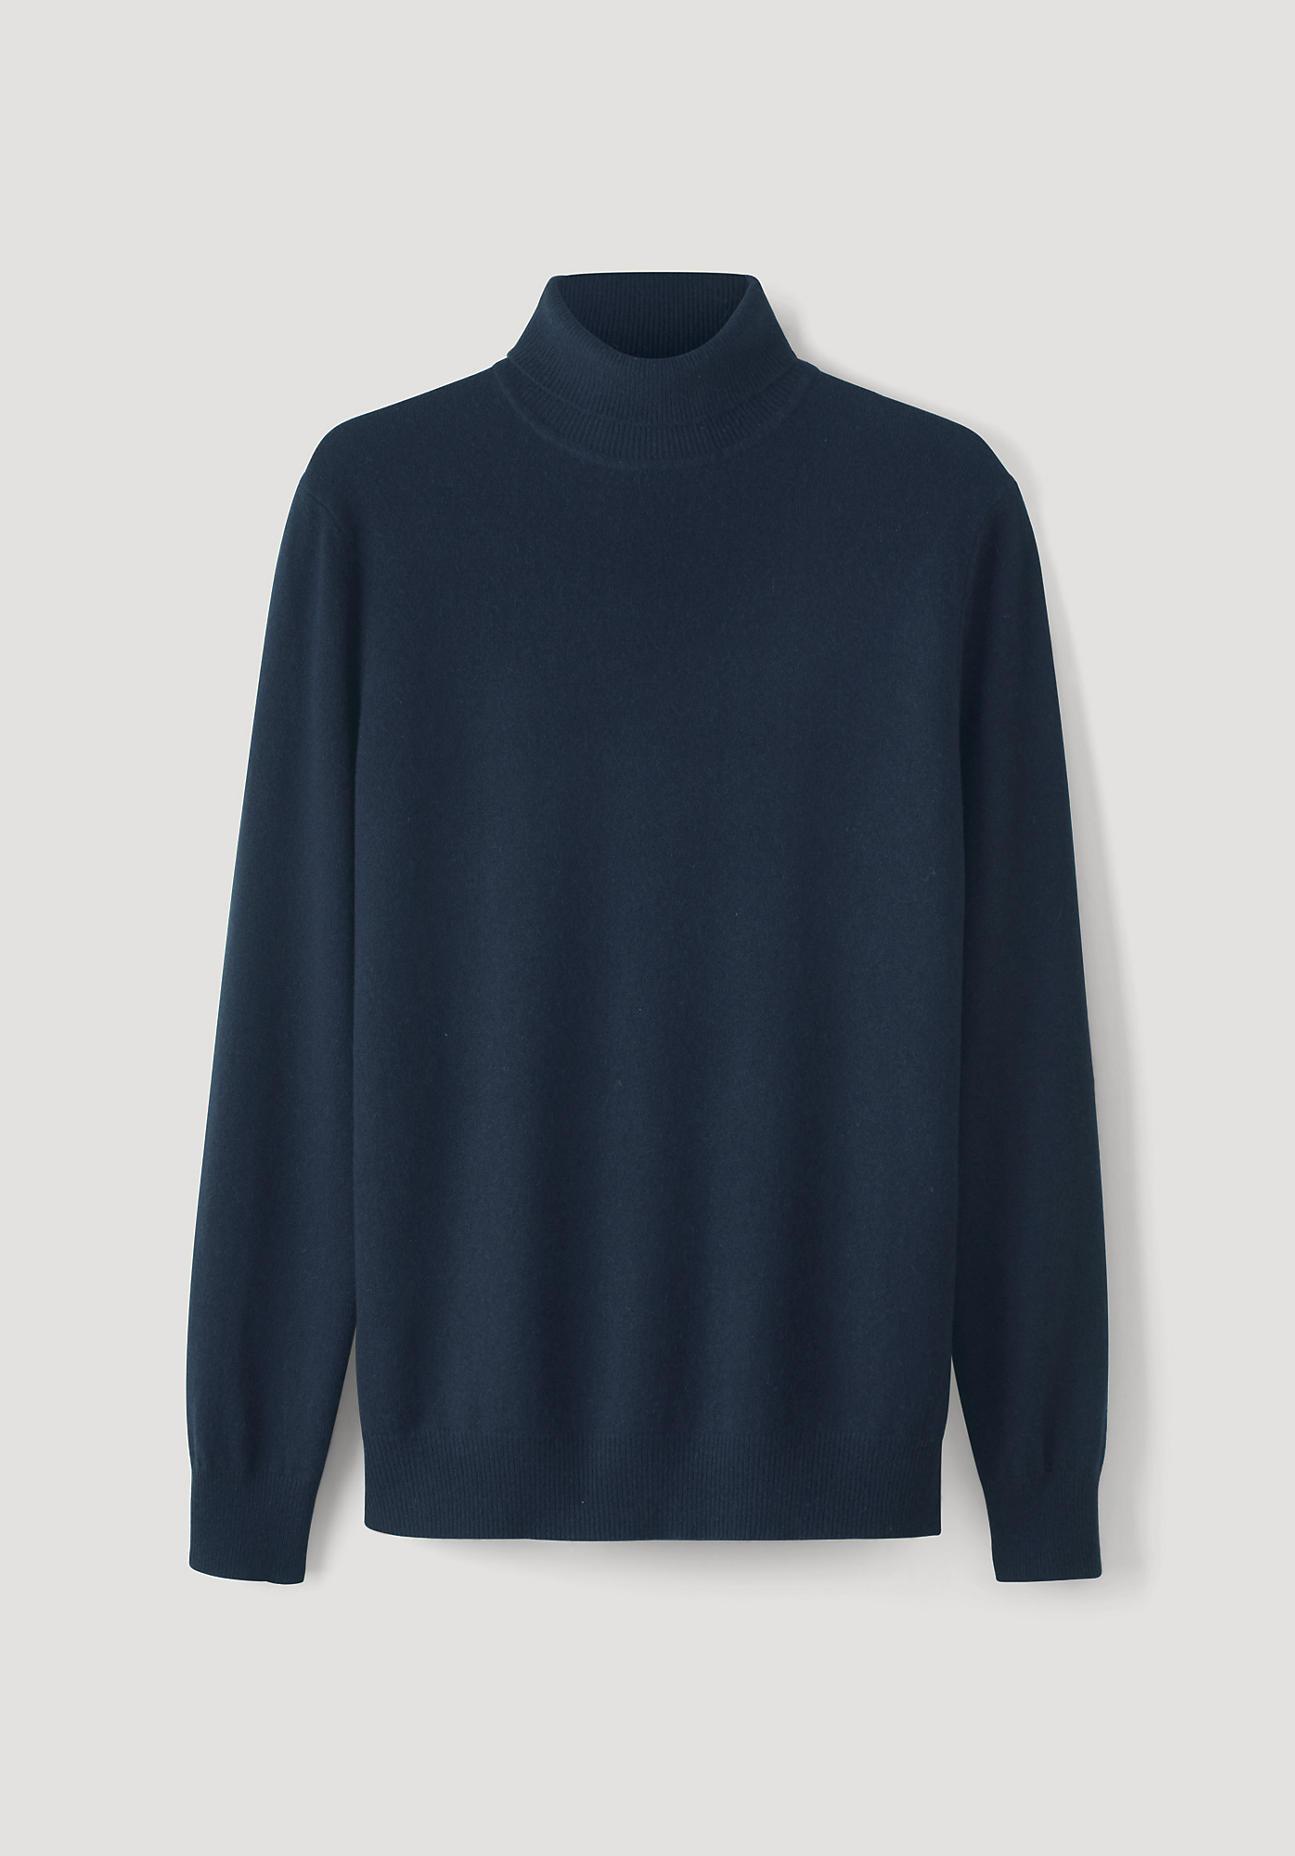 hessnatur Herren Rollkragen-Pullover aus Schurwolle mit Kaschmir – blau – Größe 46 | Bekleidung > Pullover | hessnatur